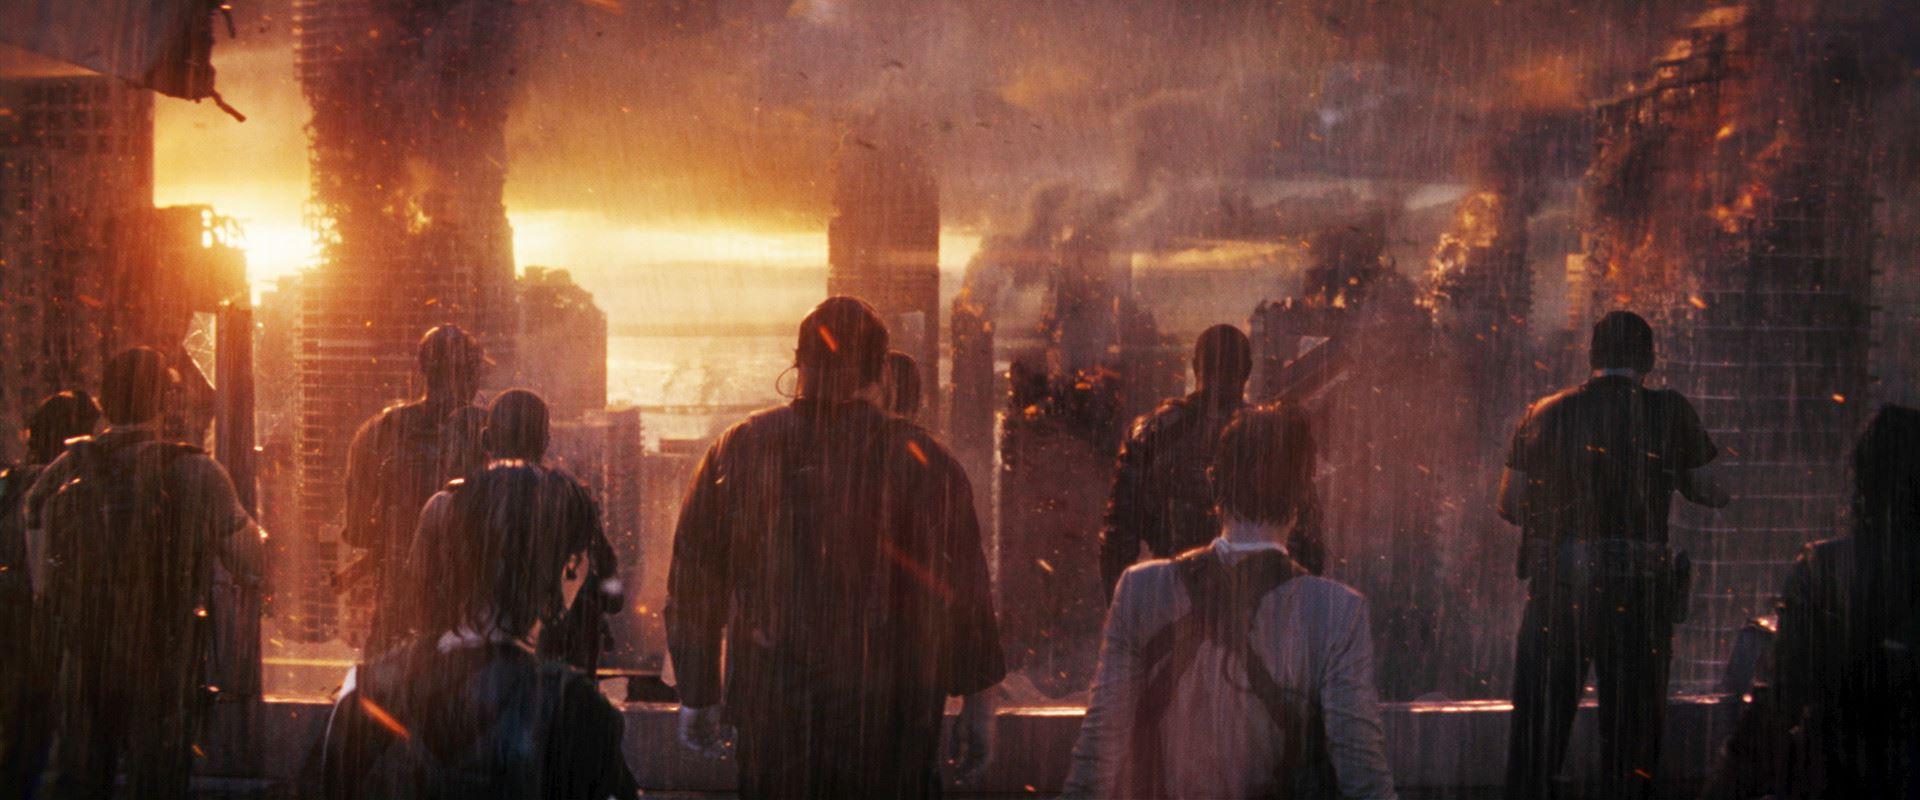 La guerra di domani il film di fantascienza Amazon